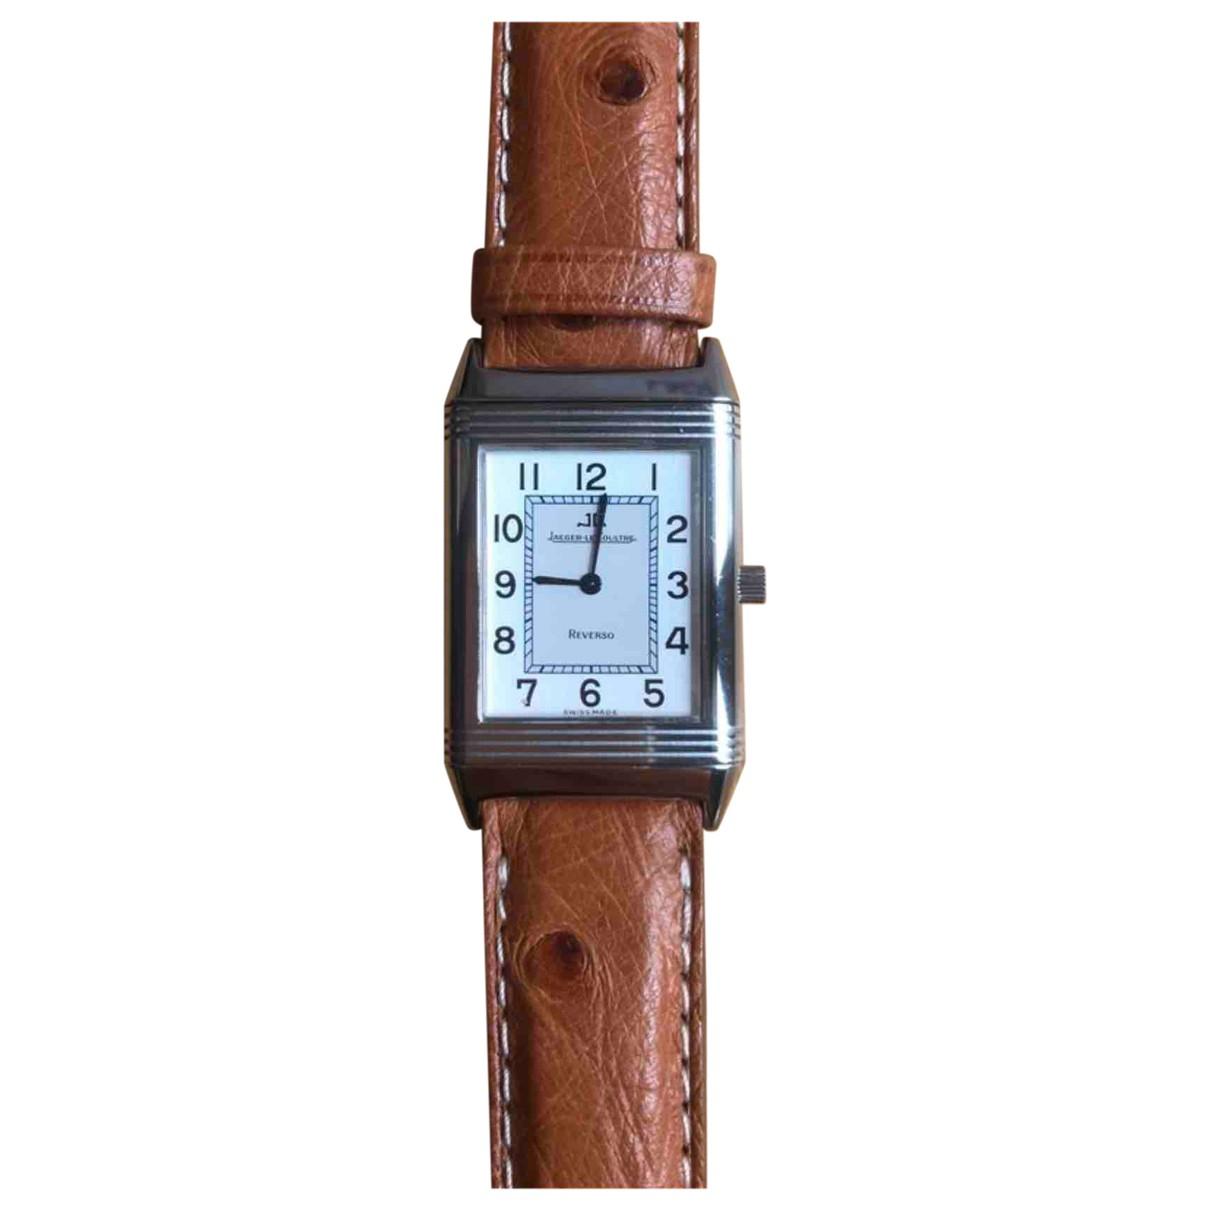 Jaeger-lecoultre Reverso Quartz Uhr in  Silber Stahl